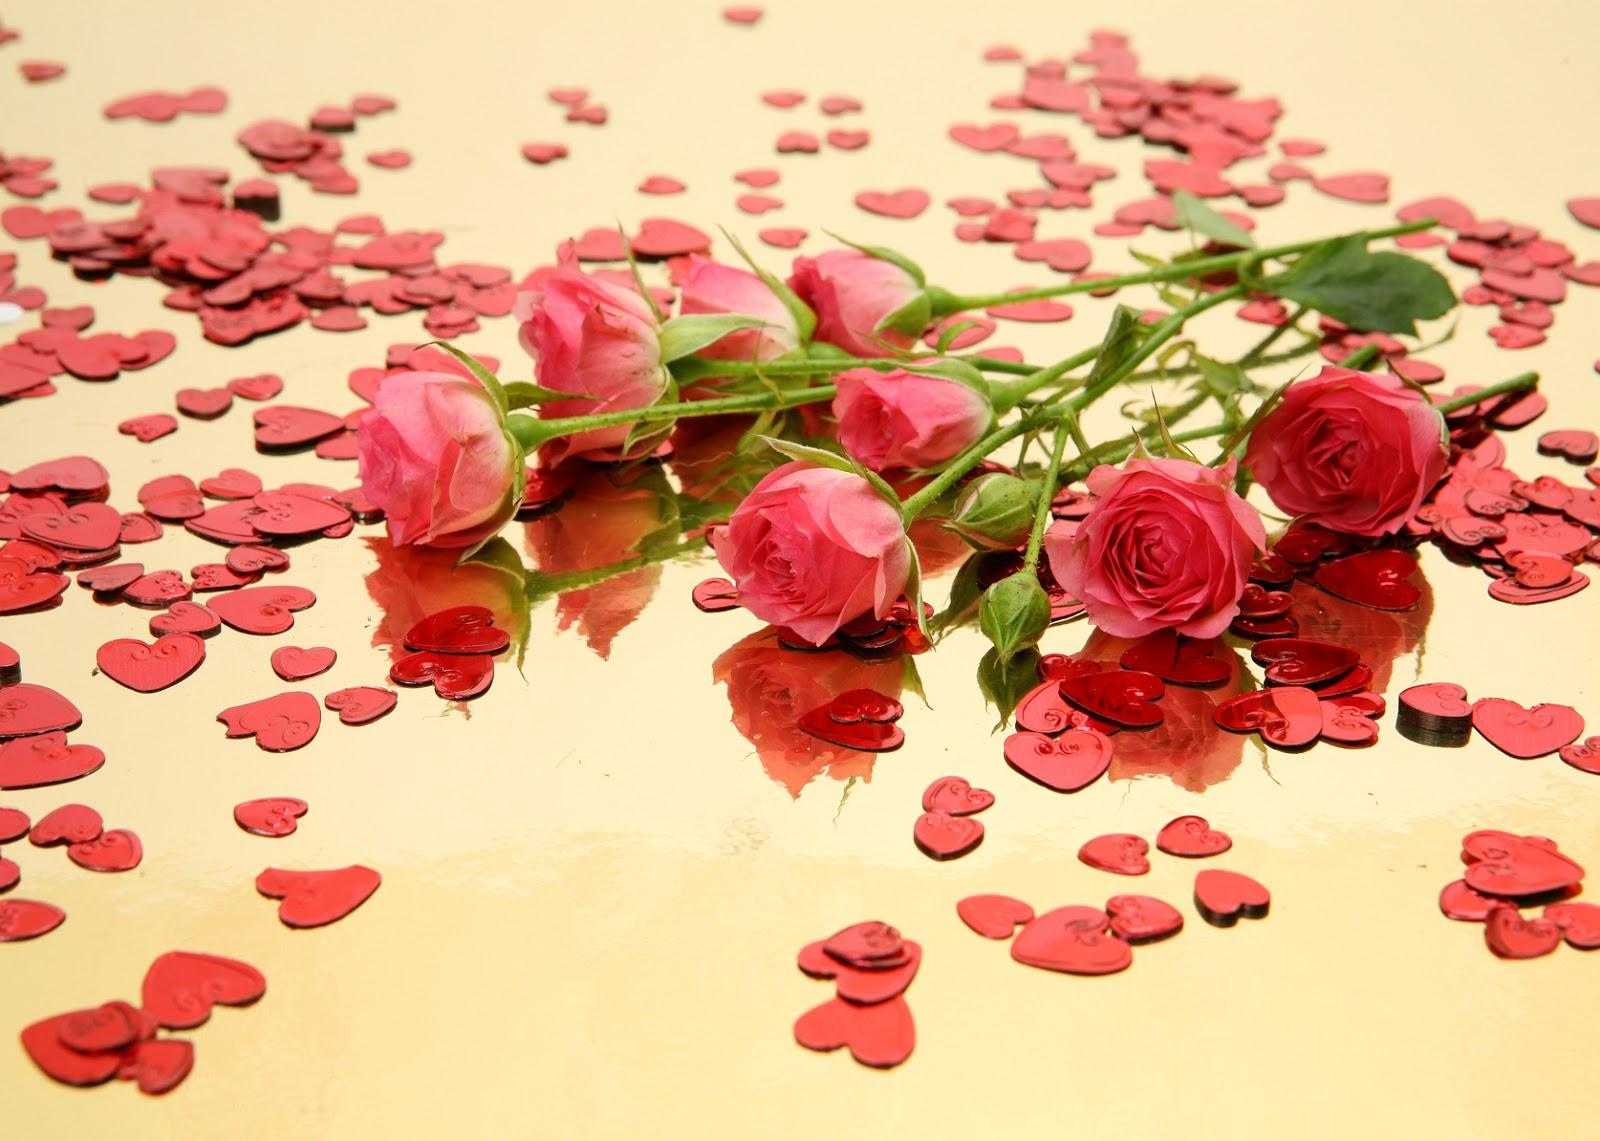 Imagenes De Arreglos Con Rosas - Arreglos Florales La Rosa De Sarón Facebook